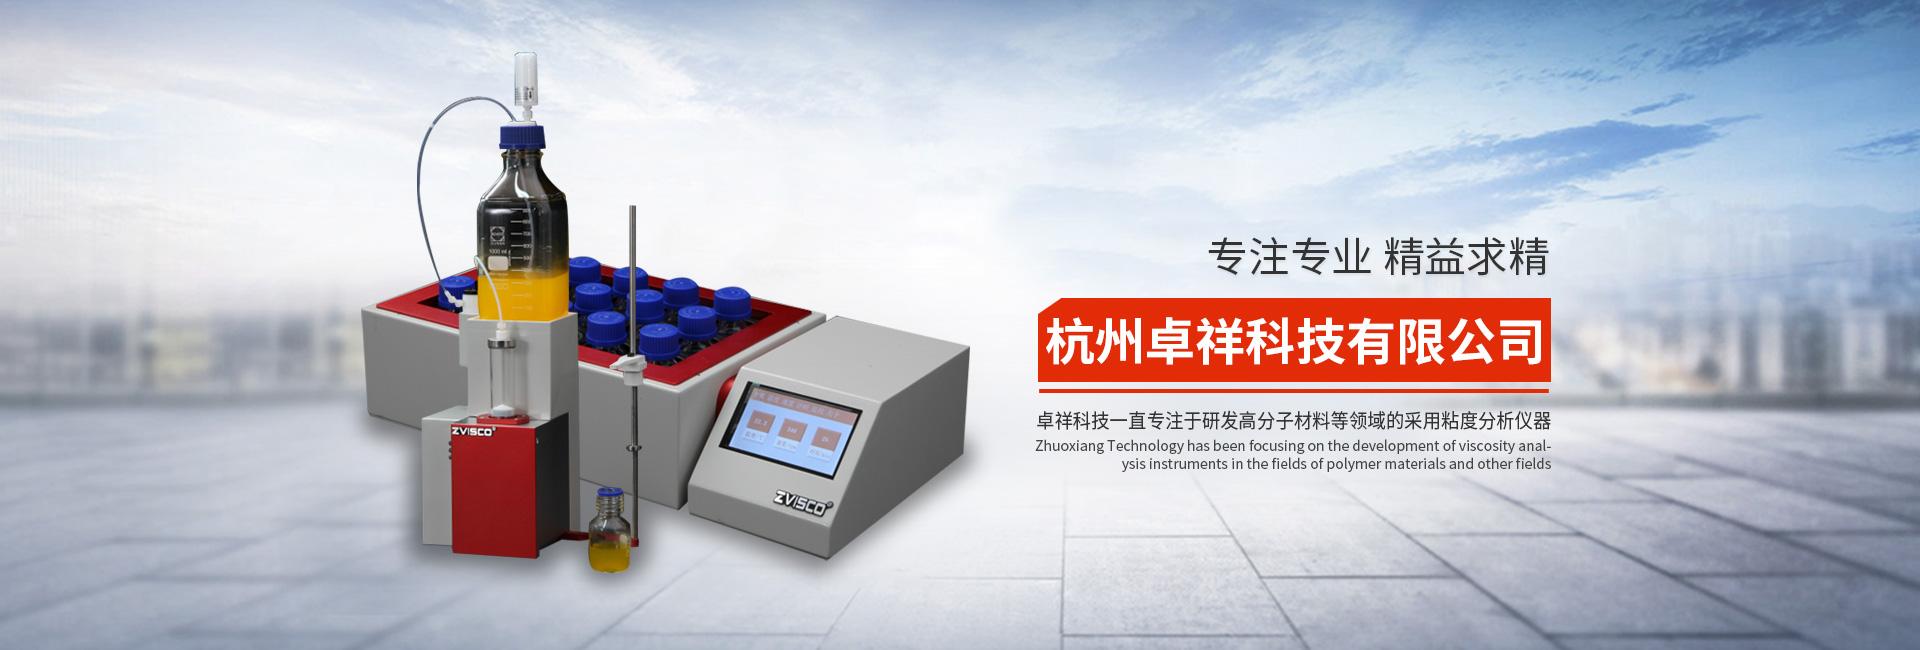 杭州卓祥科技有限公司